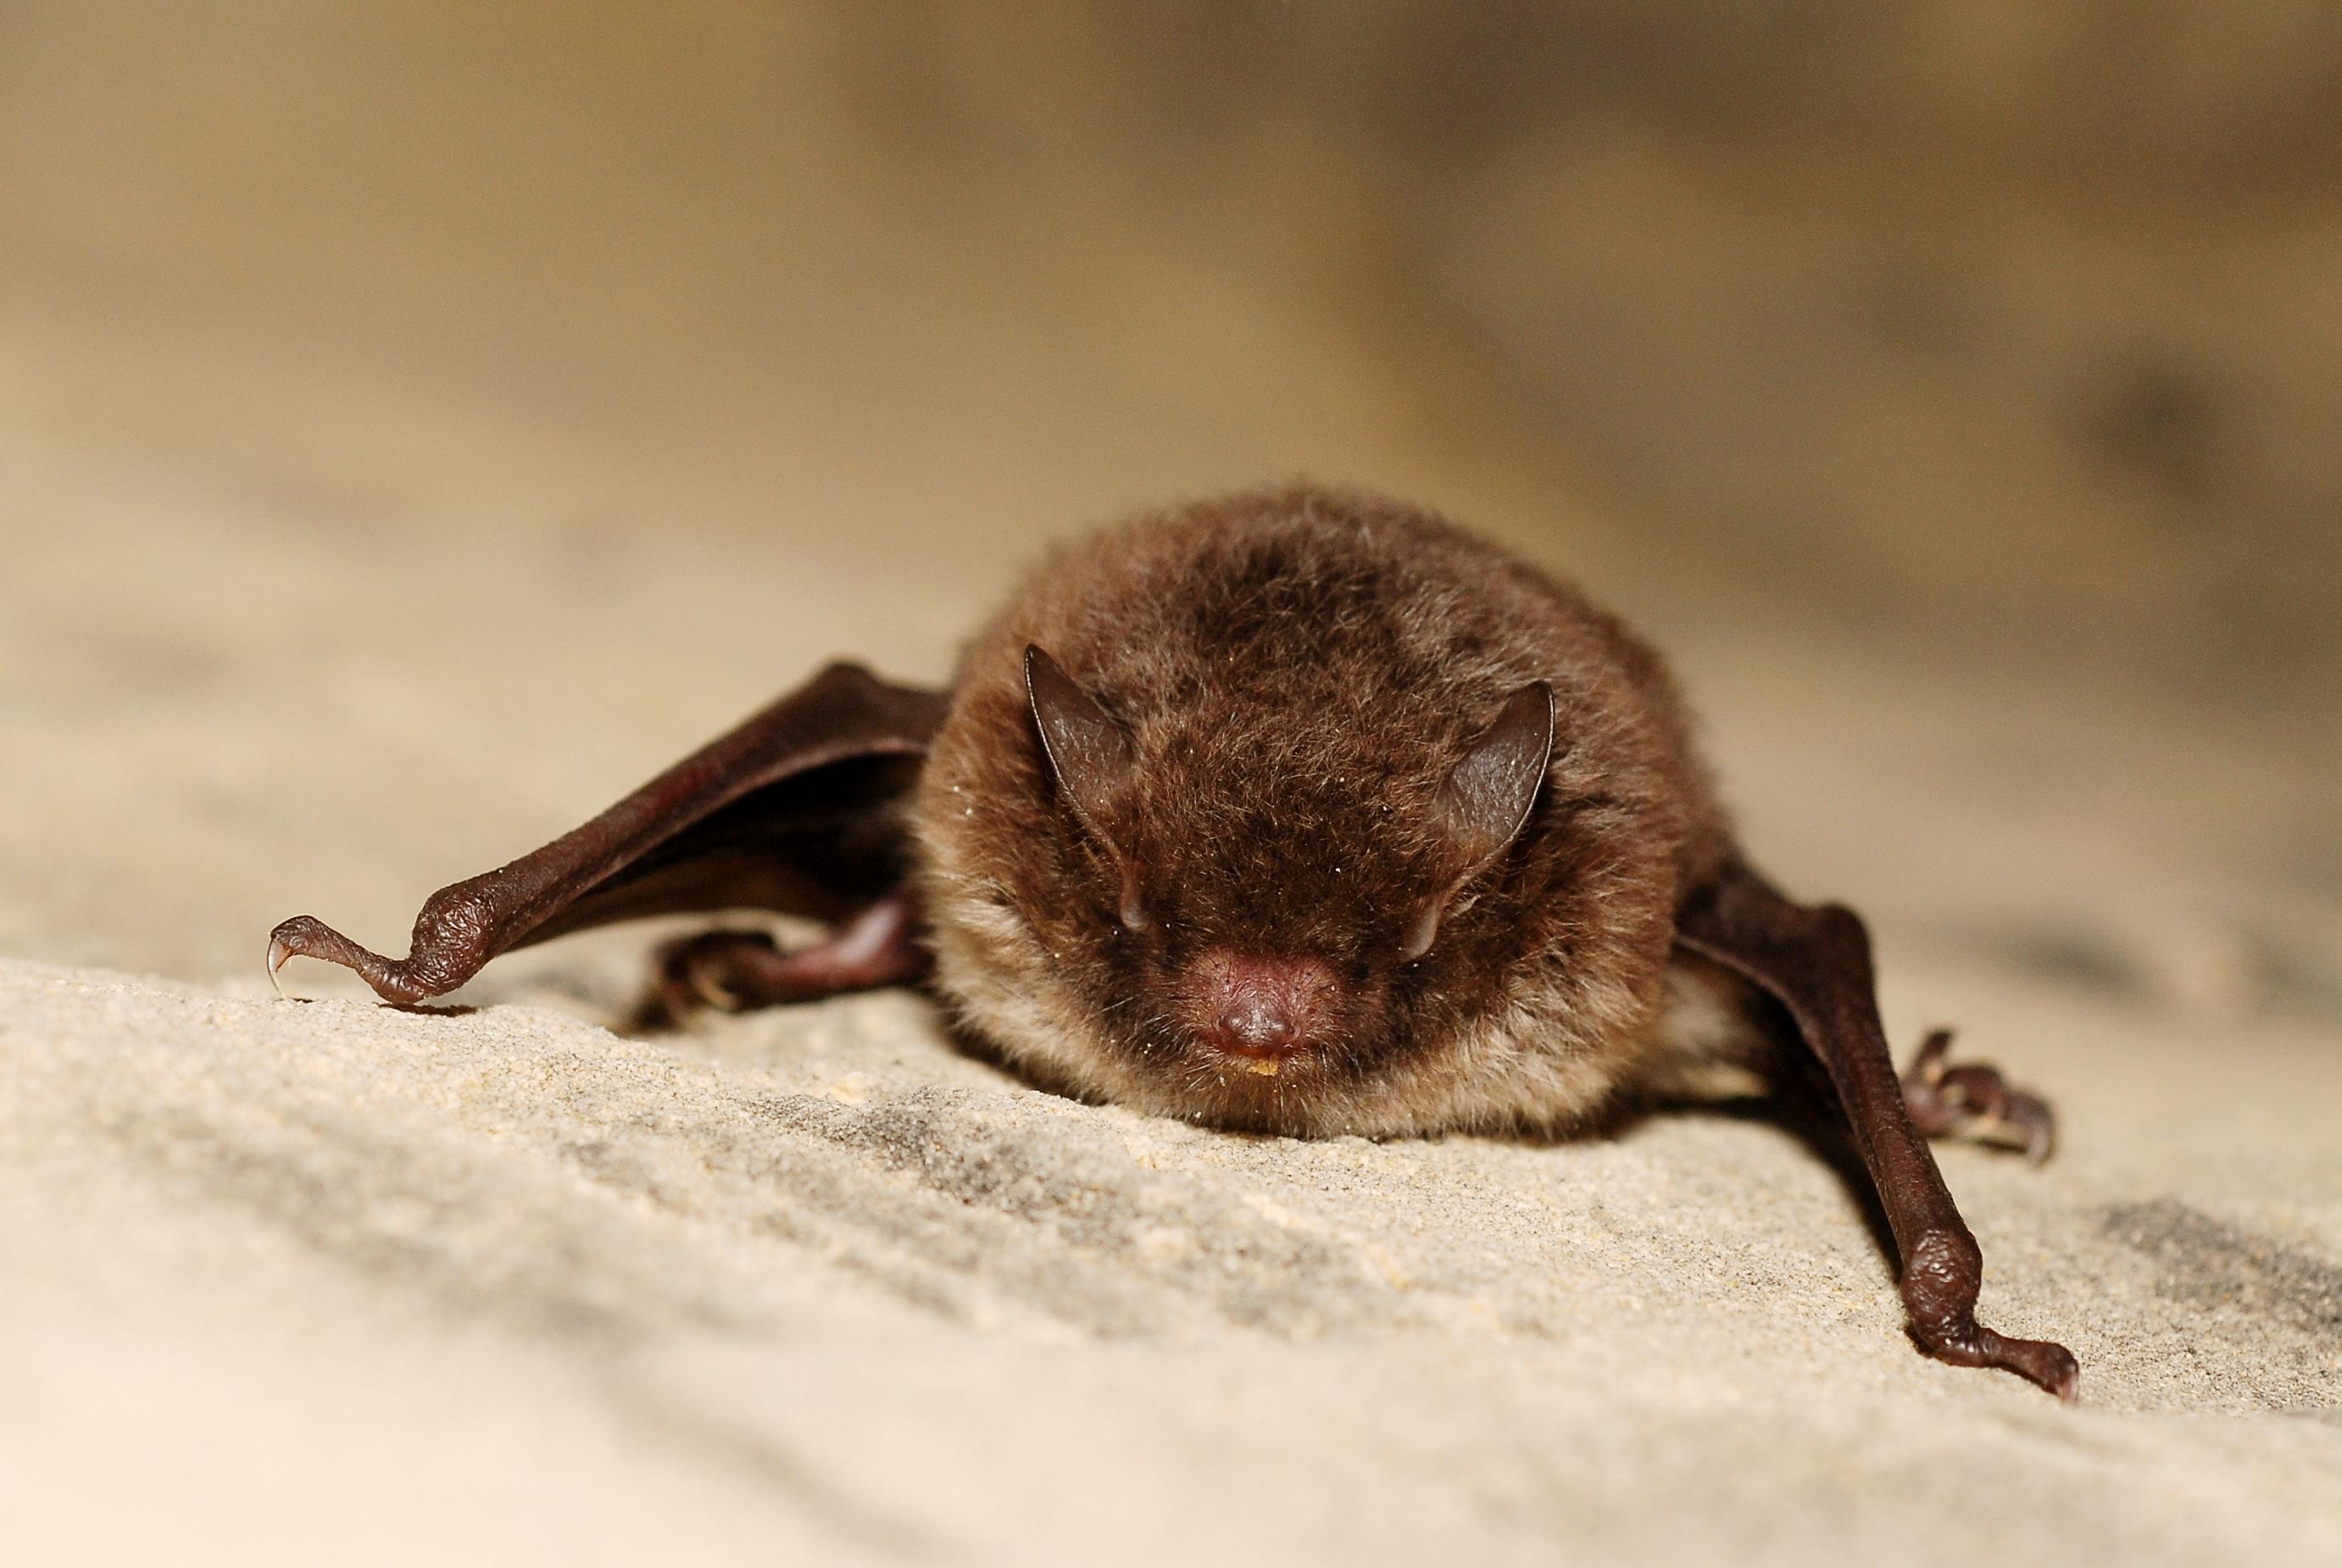 844db15d504 Daubenton s bat. From Wikipedia ...